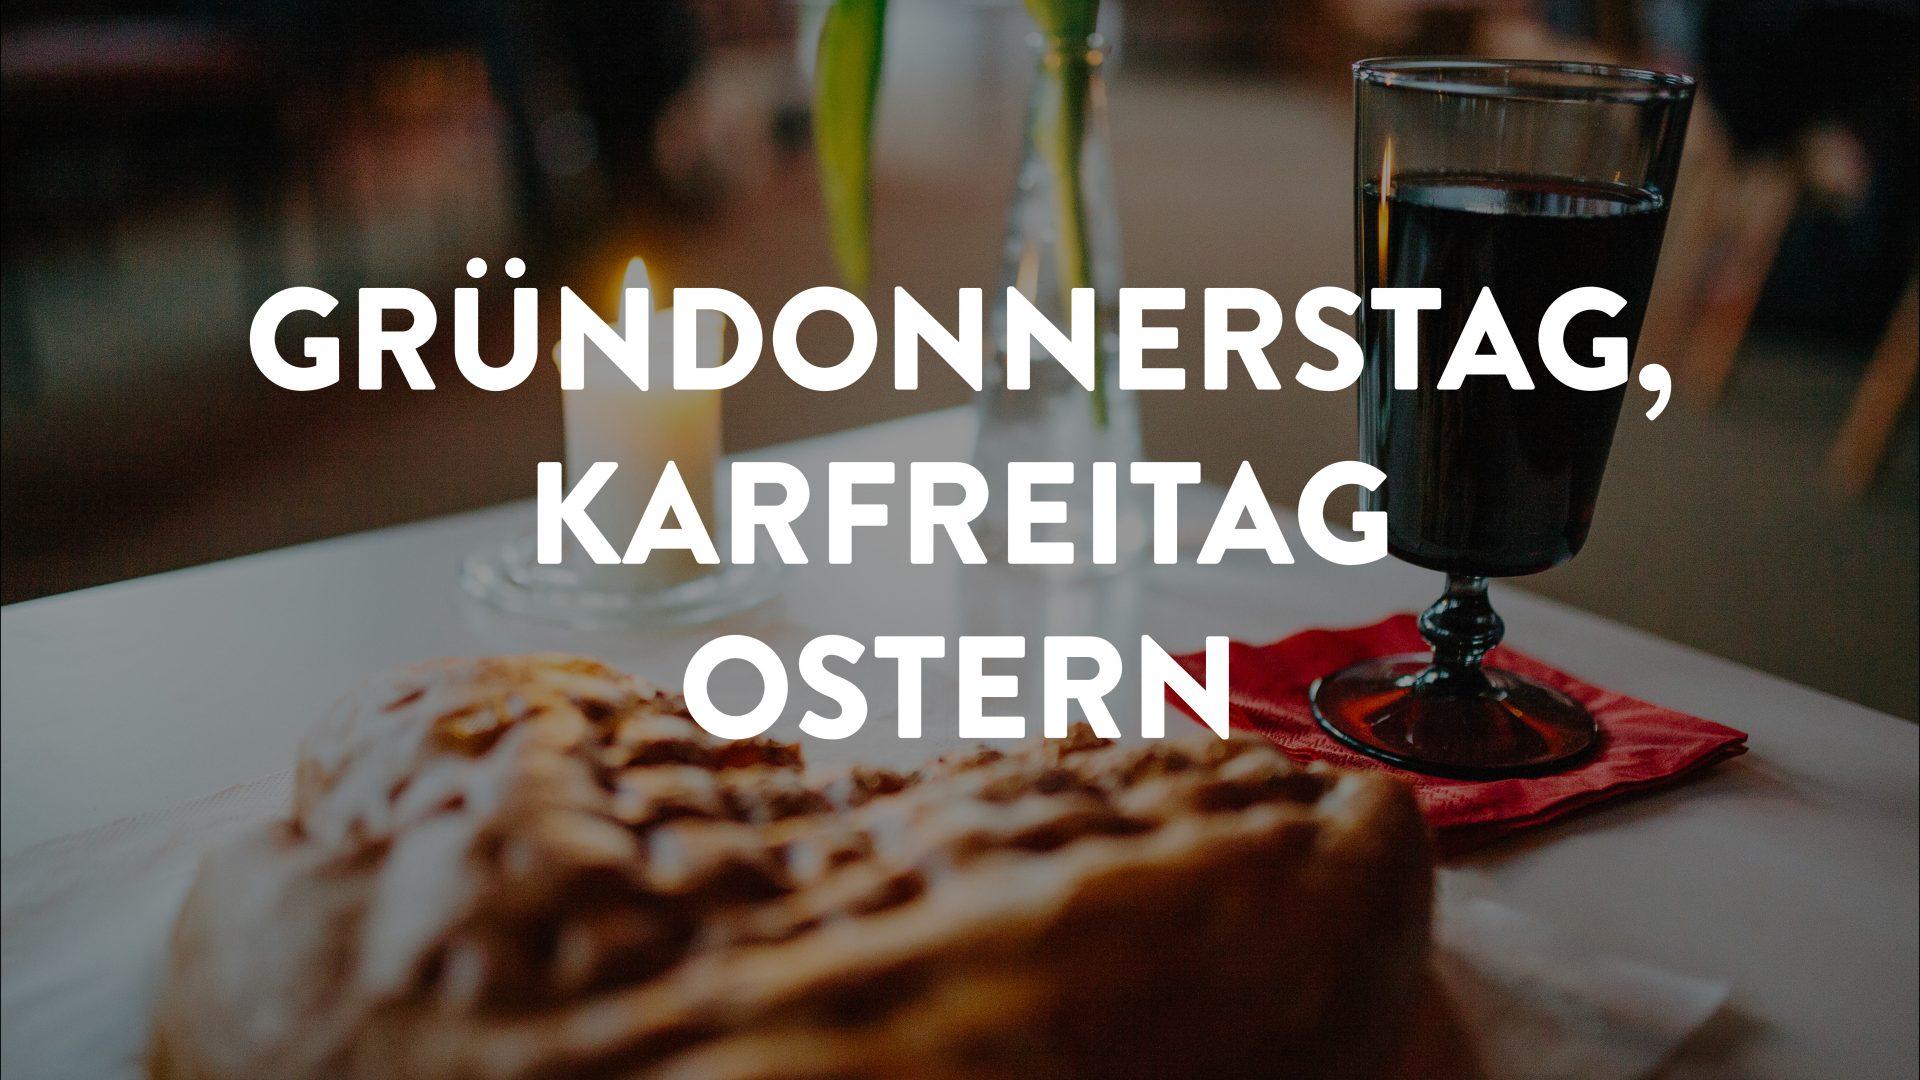 Gründonnerstag, Karfreitag, Ostern, Matthäus-Gemeinde, Matthäus, Huchting